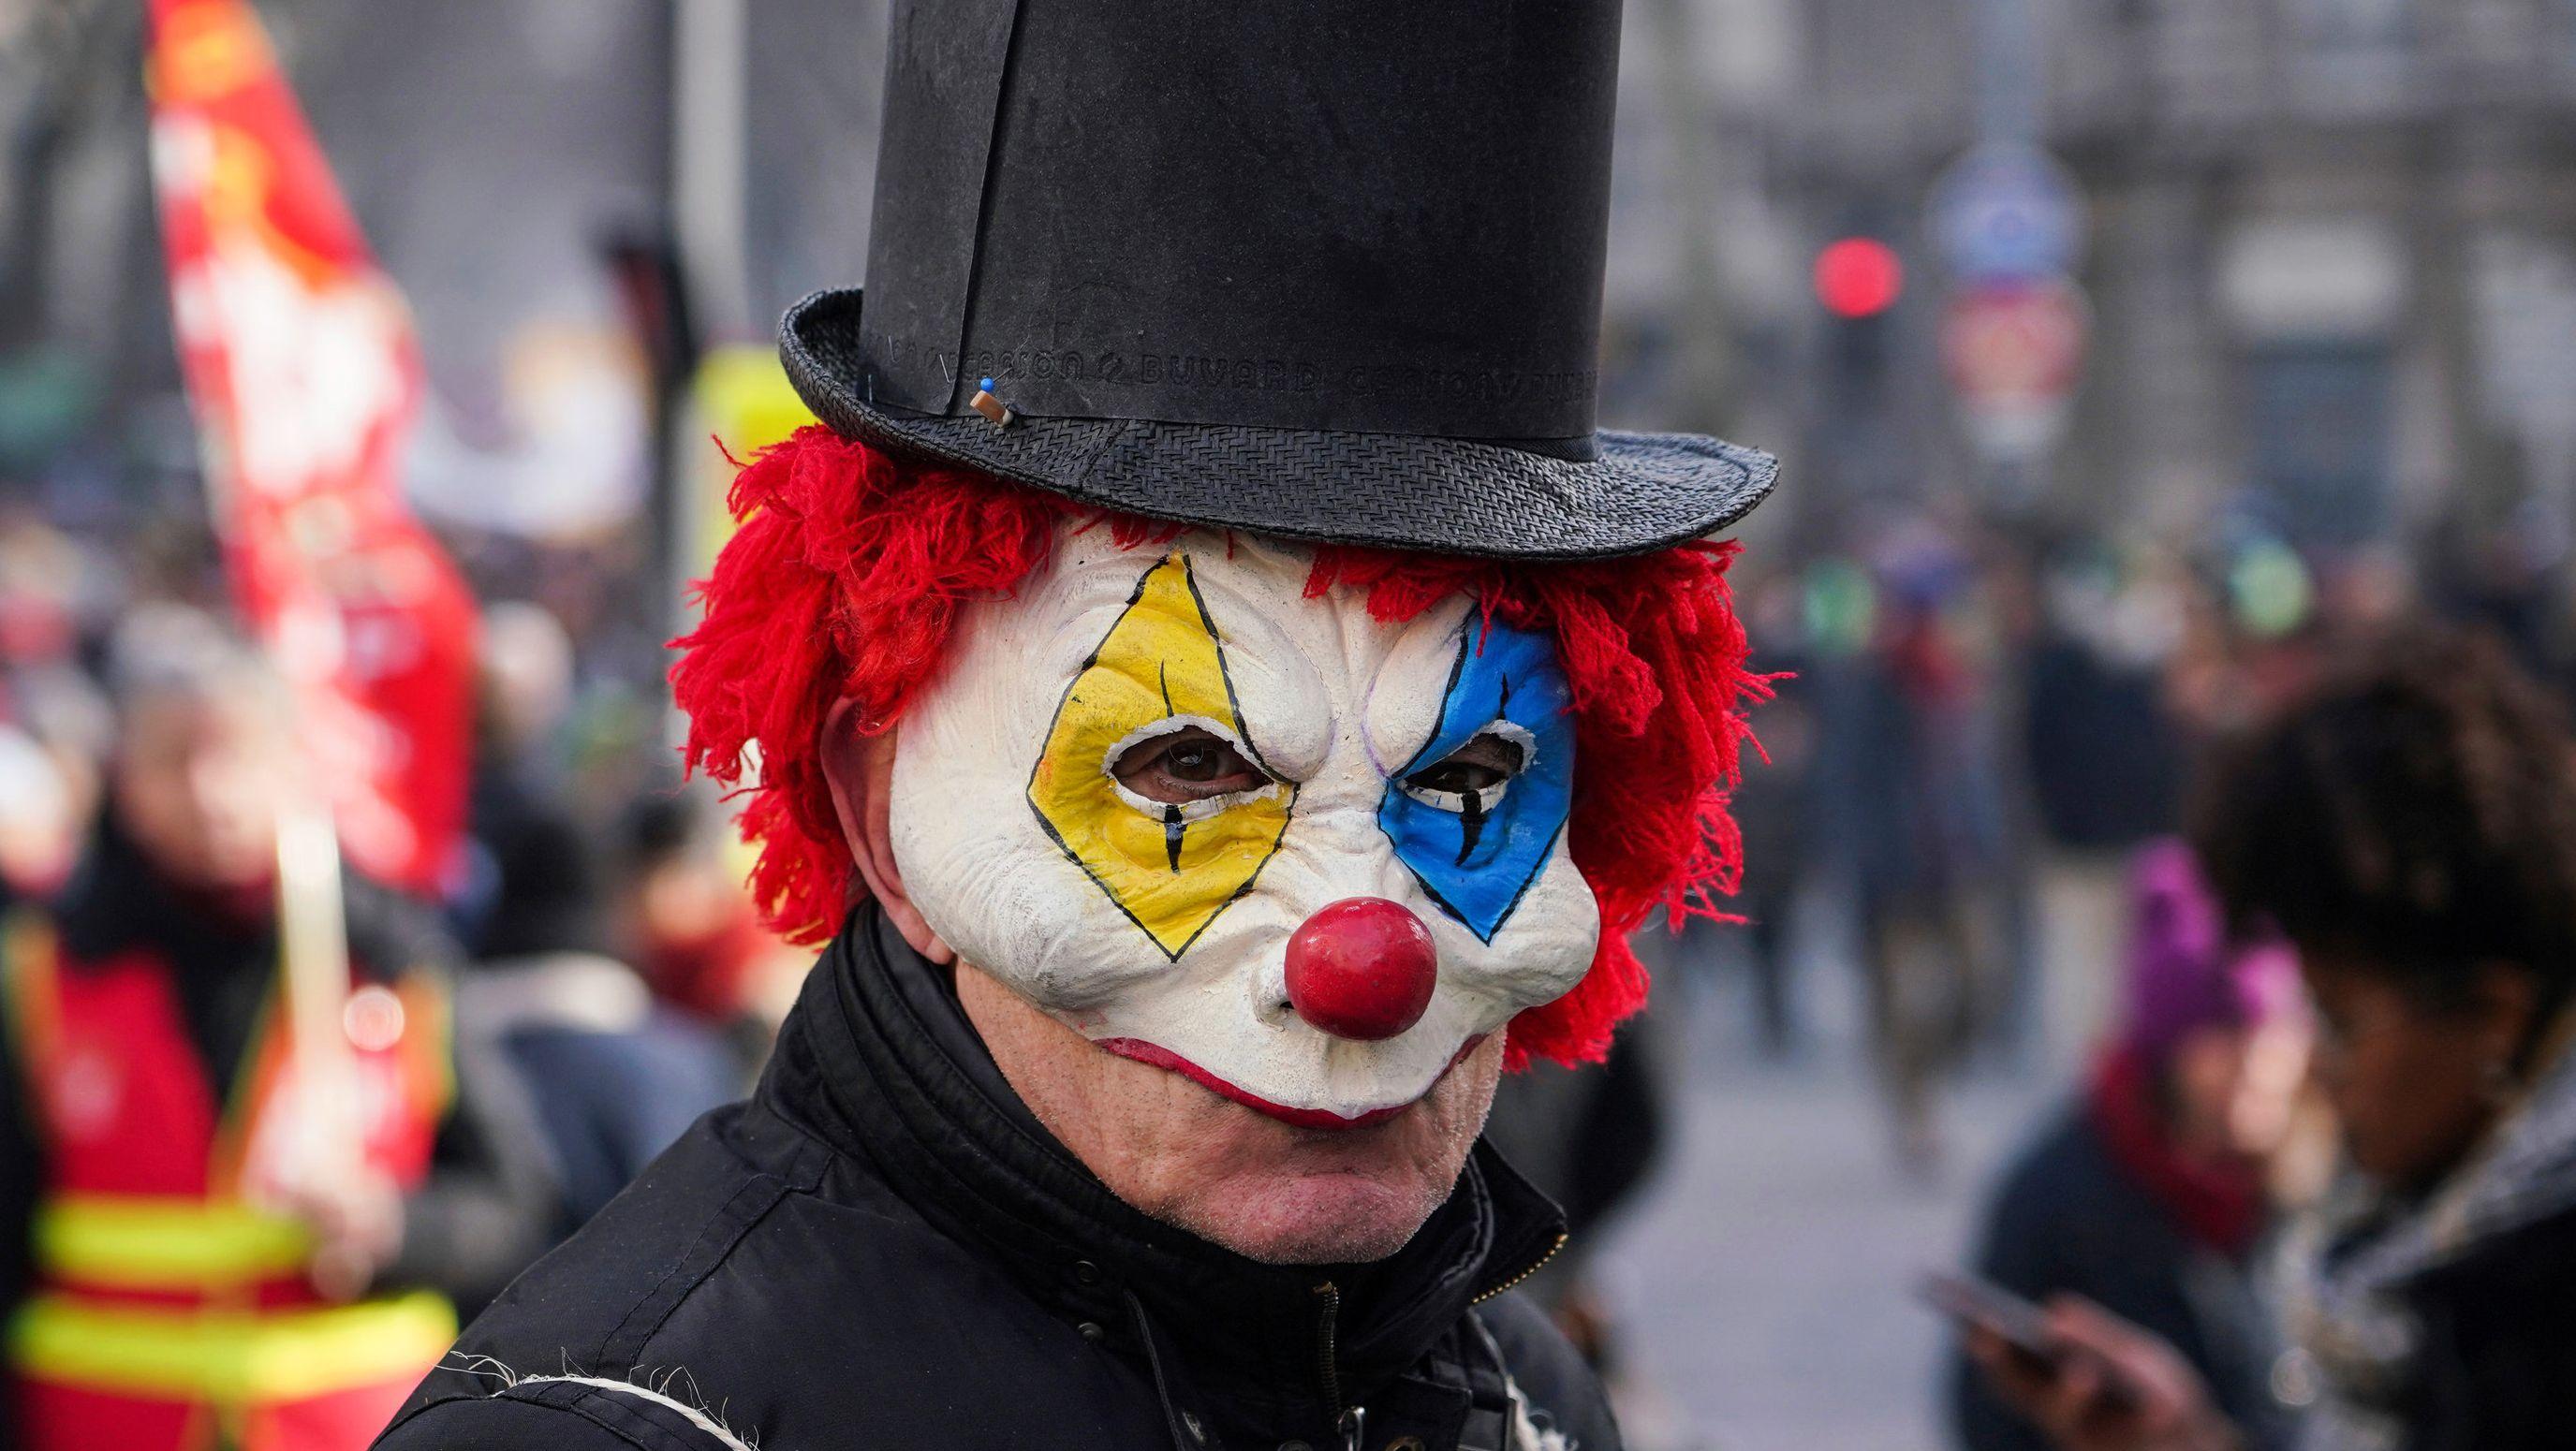 Frankreich, Lyon: Ein Demonstrant trägt am 24.1.2020 während eines Protestes gegen die geplanten Rentenreformen eine Clownsmaske und einen Zylinder.